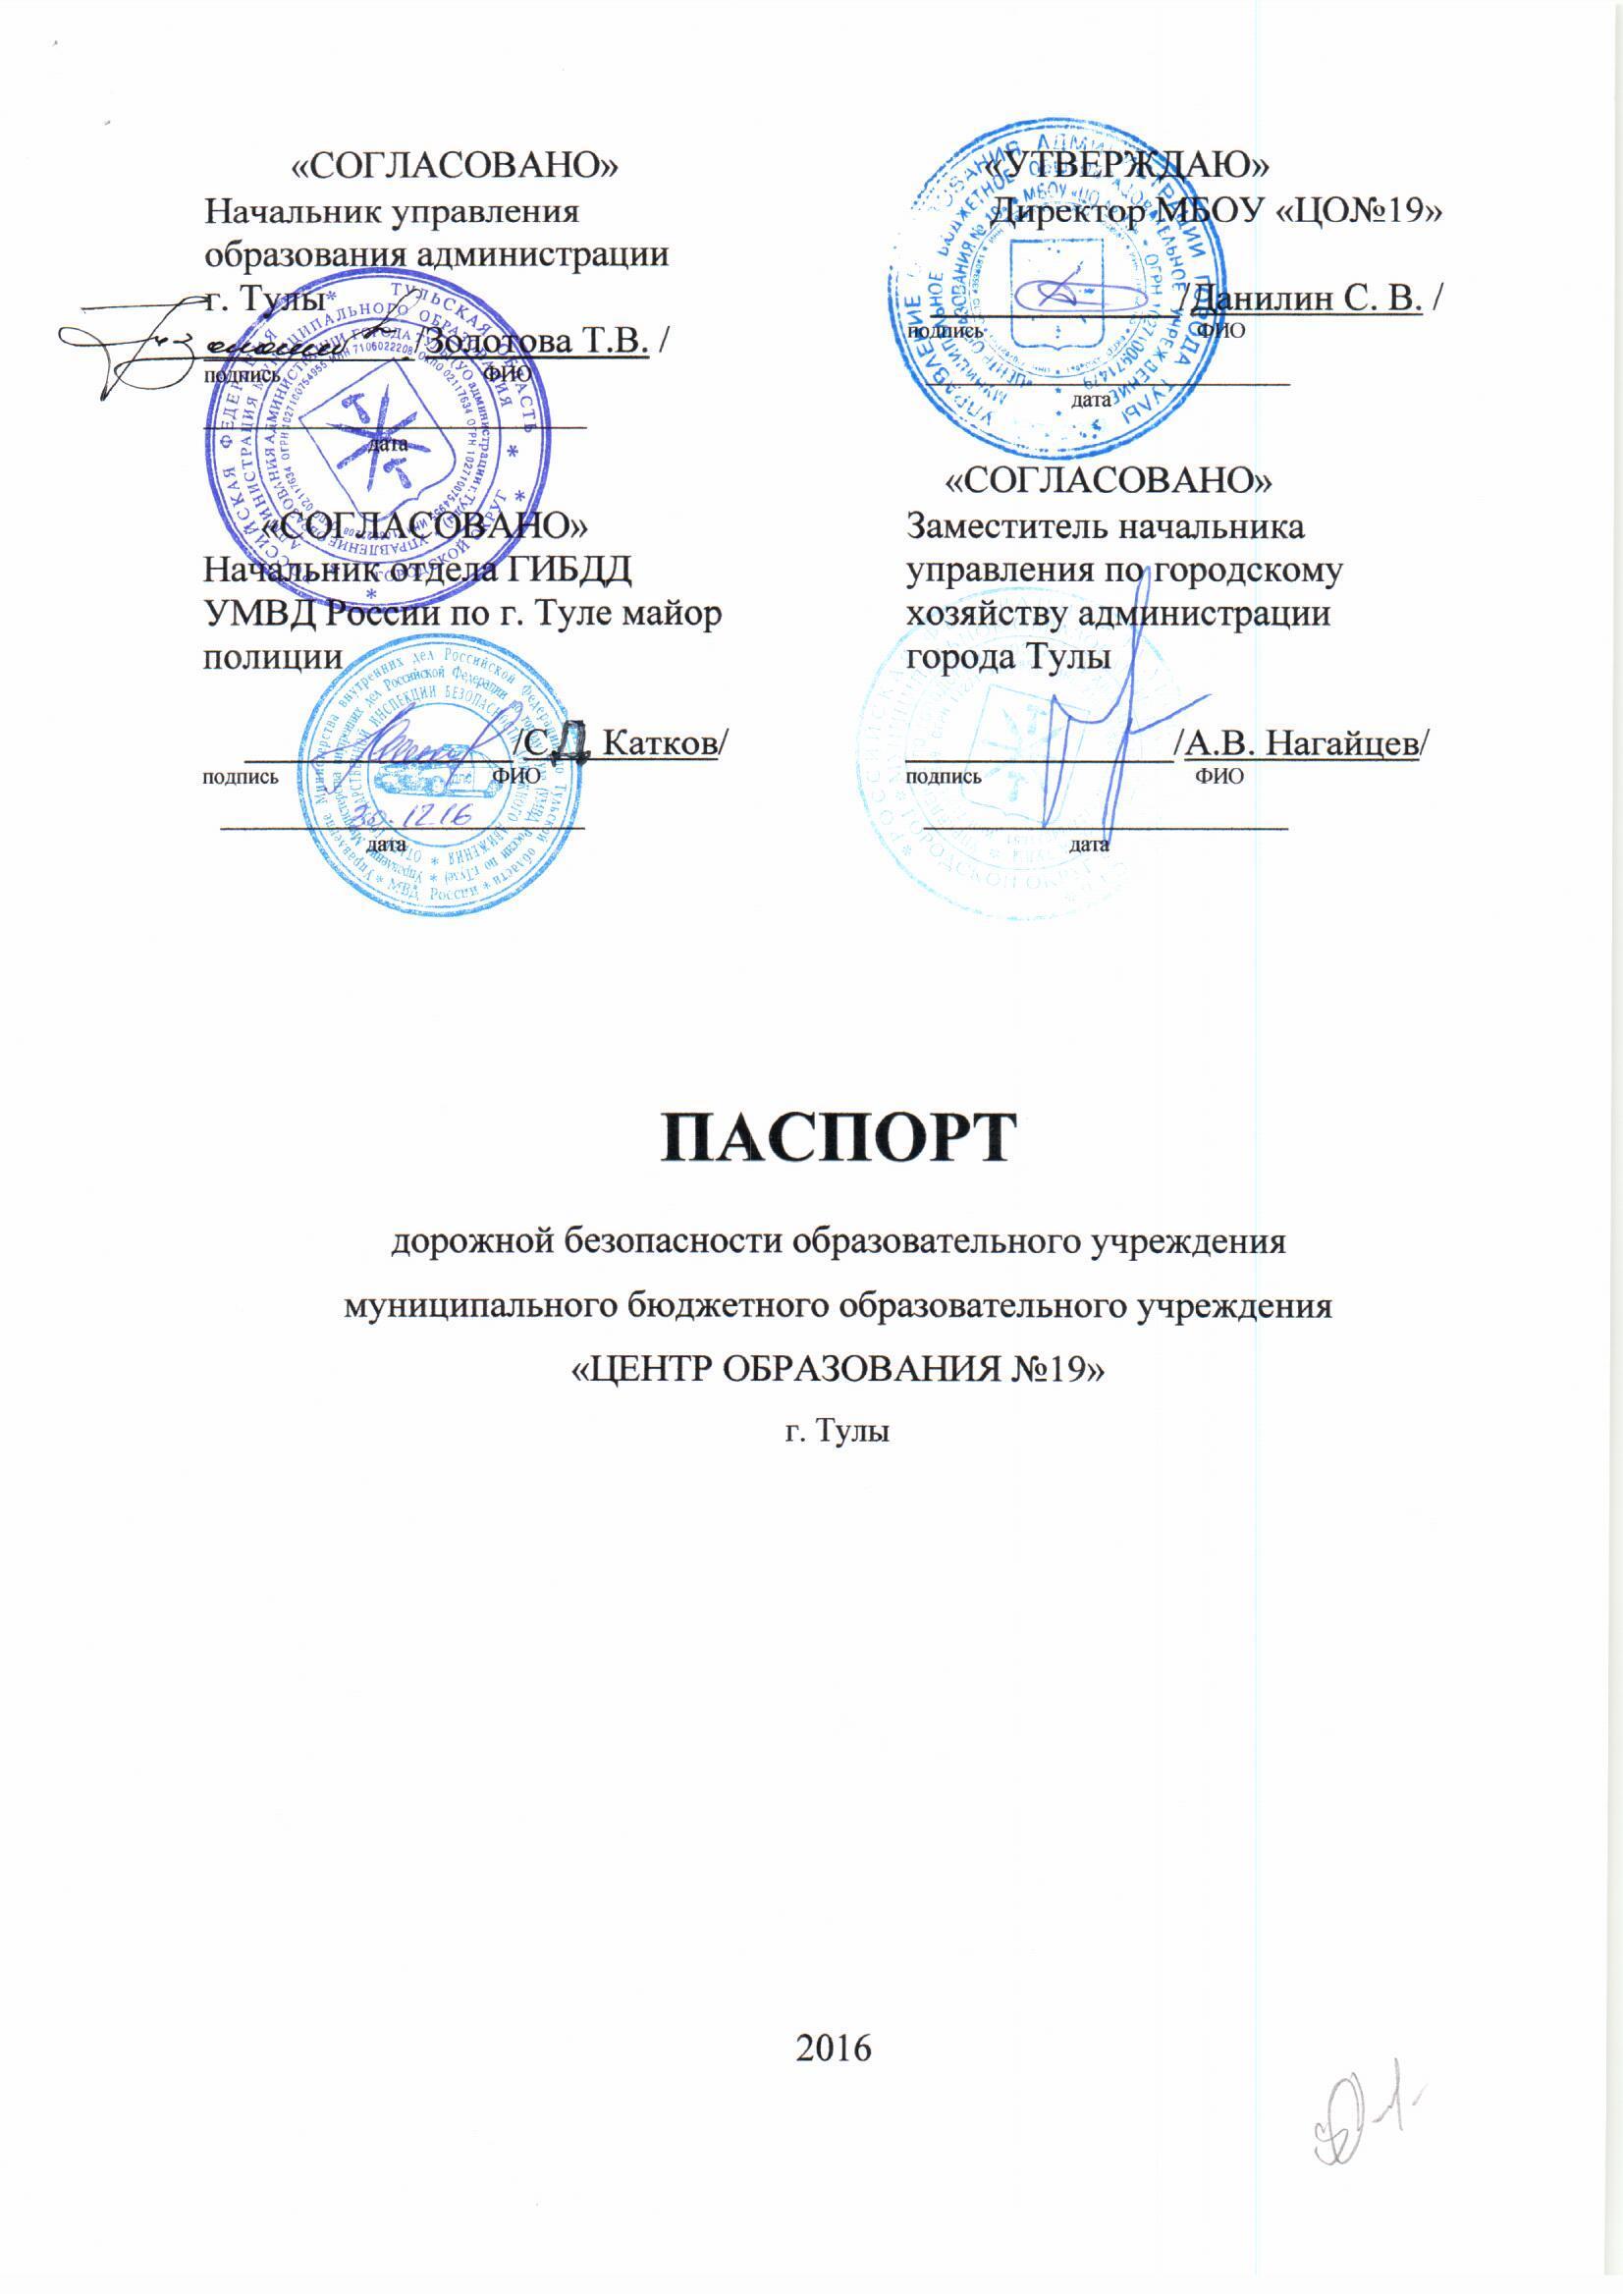 Паспорт 1 лист дорожной 001